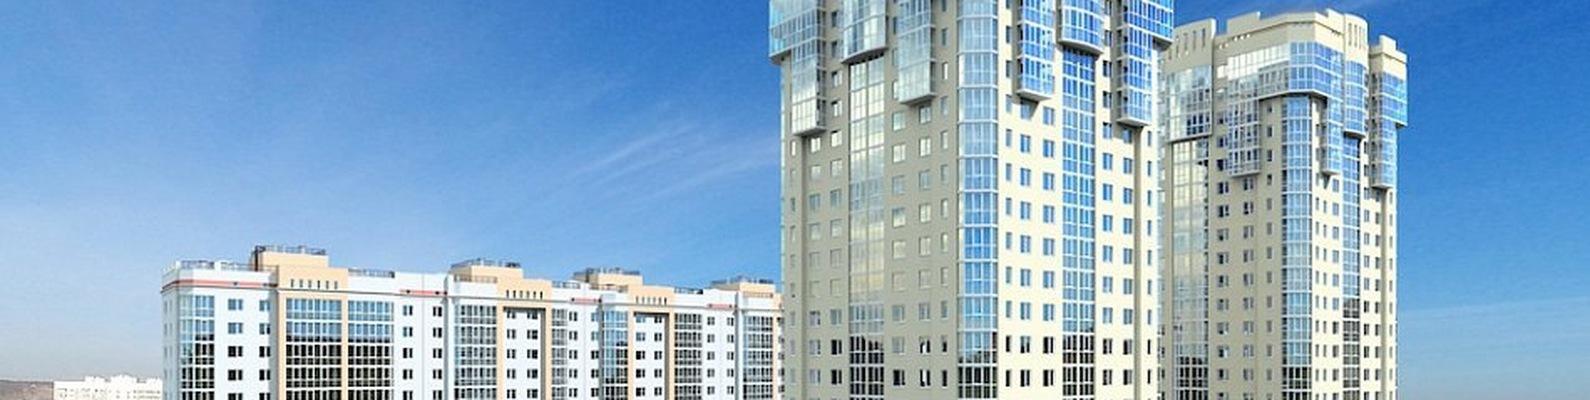 Купить квартиру в ЖК Улеши - Саратов, ЖК Улеши 1, ЖК Улеши 2 от ... | 400x1590